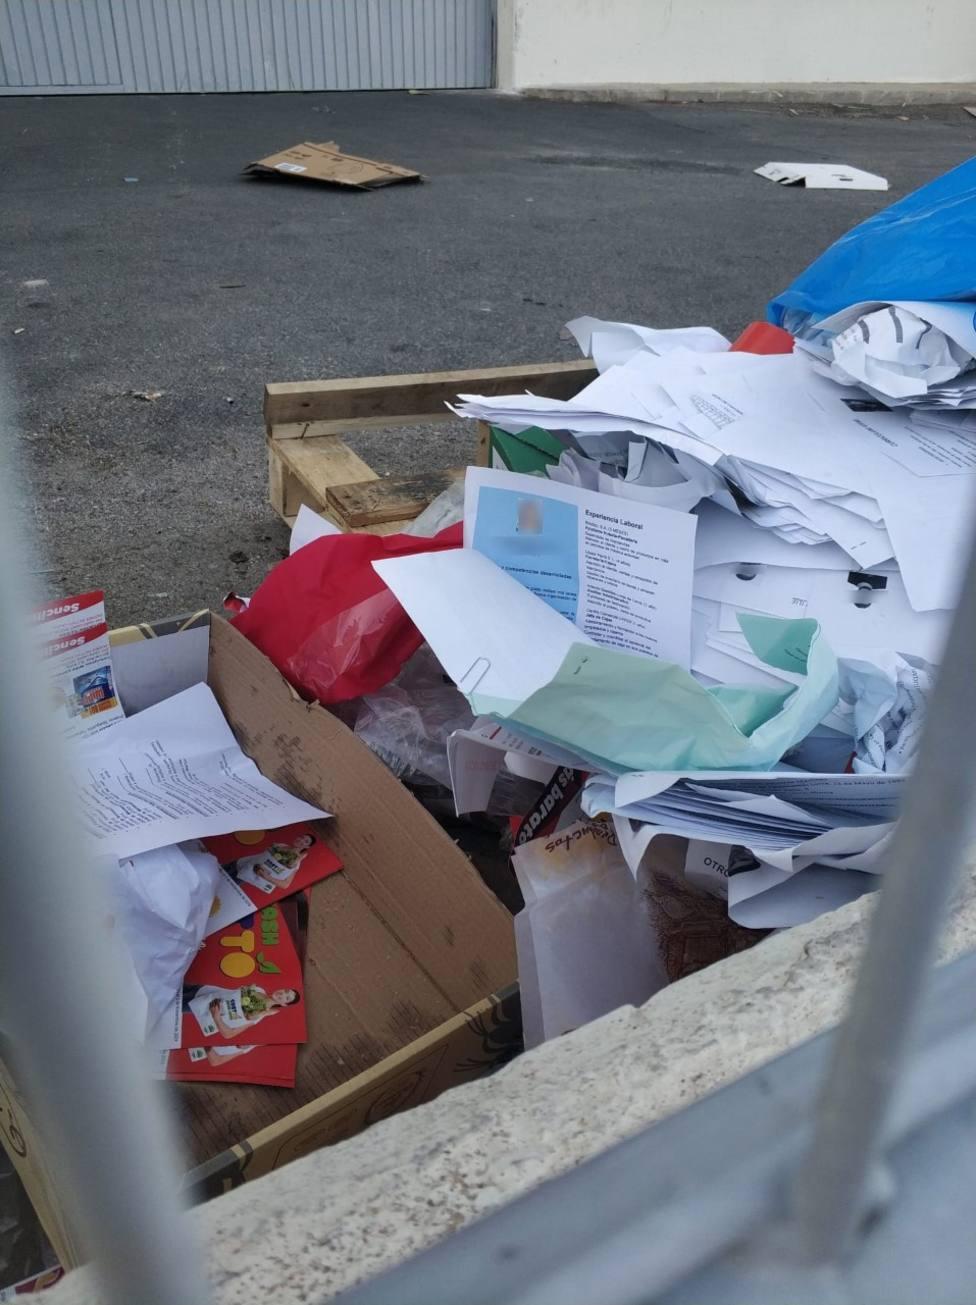 IU-Verdes advierte de la violación de datos personales de los solicitantes de empleo en un economato